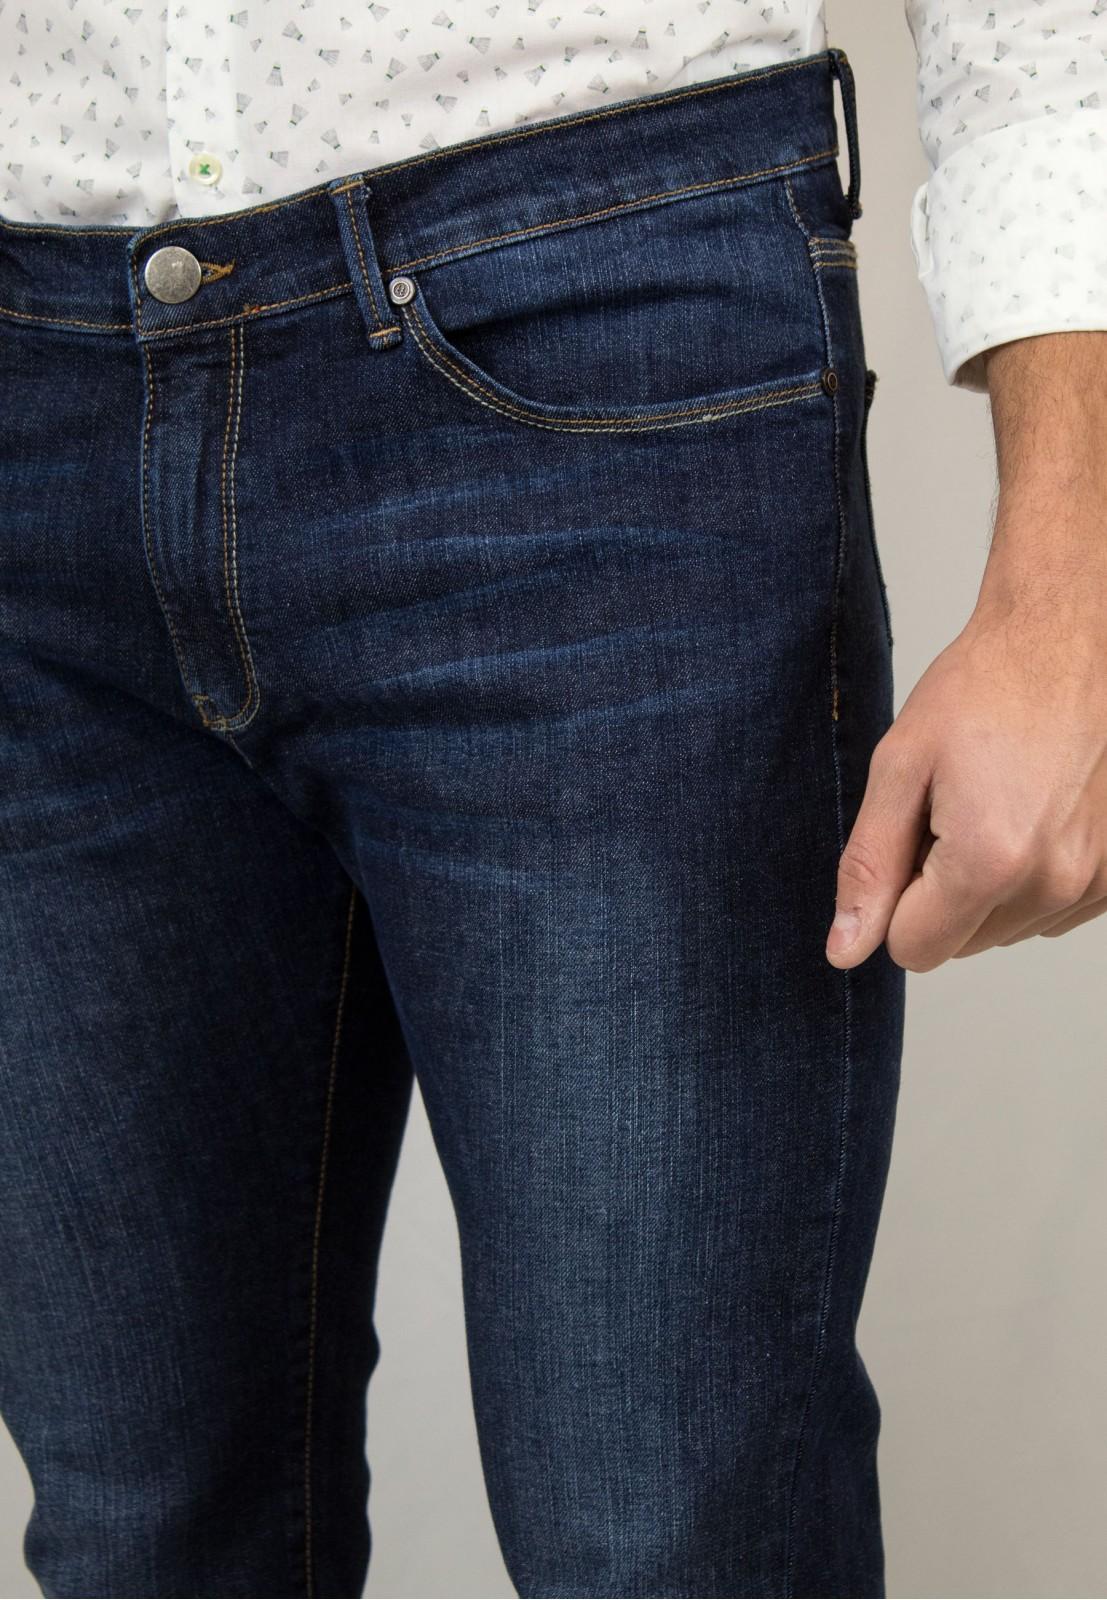 Pantalón vaquero Patadegayo, fabricado en españa, muy comodo y de calidad - plano cercano delantero